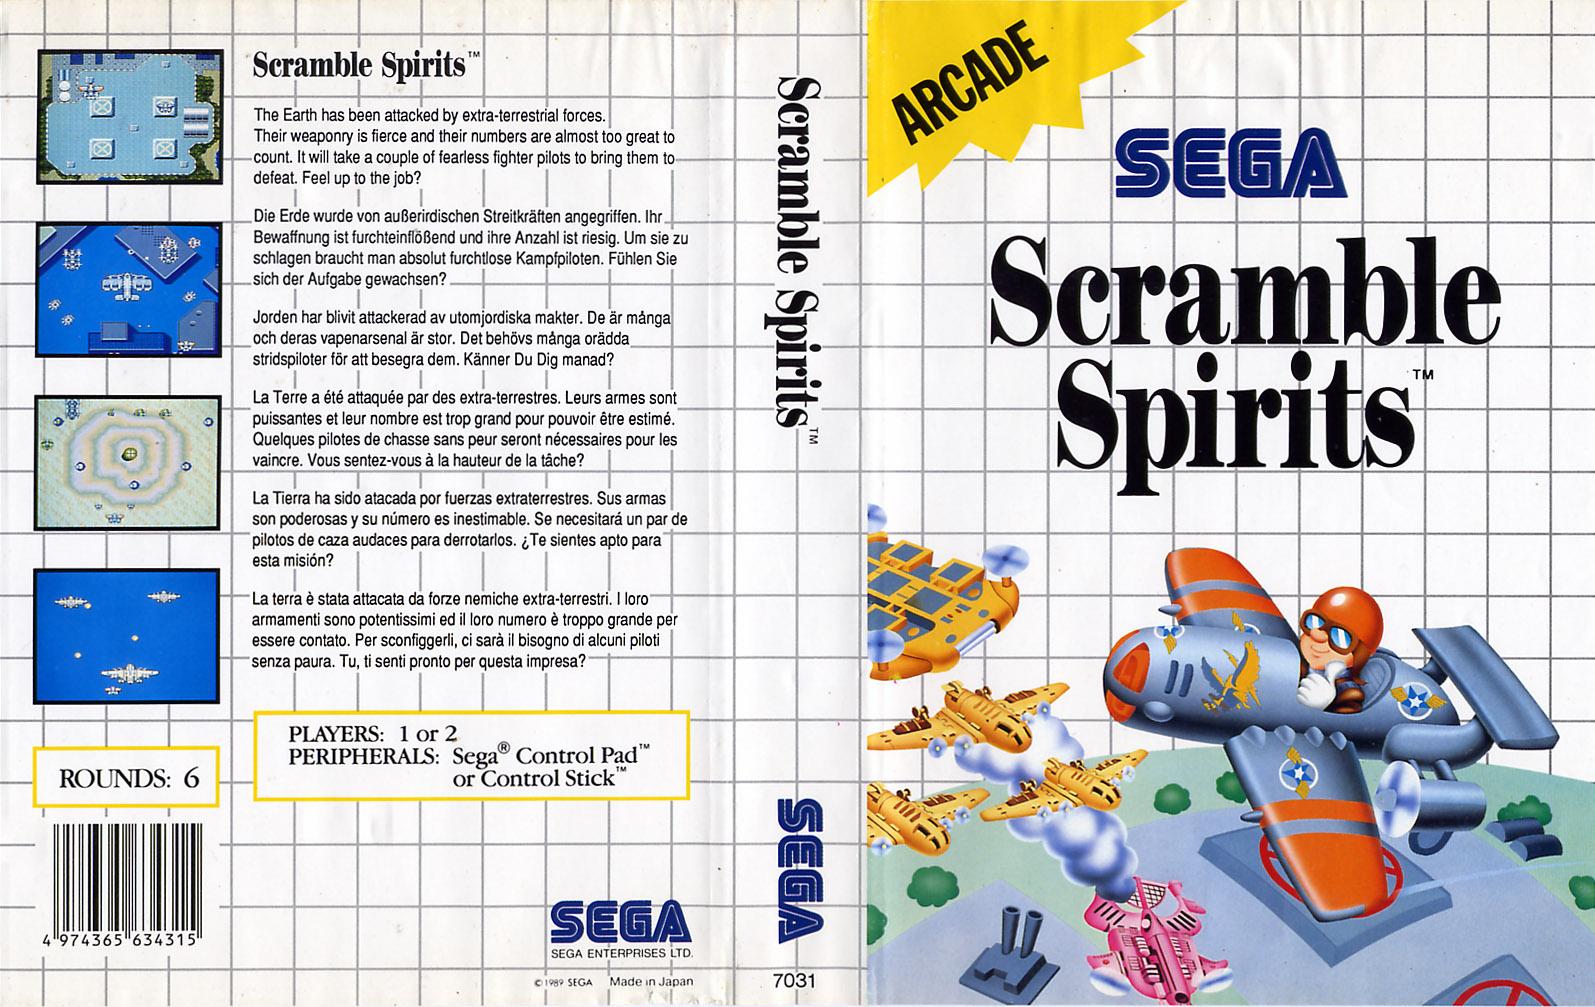 http://www.smspower.org/uploads/Scans/ScrambleSpirits-SMS-EU-NoR.jpg